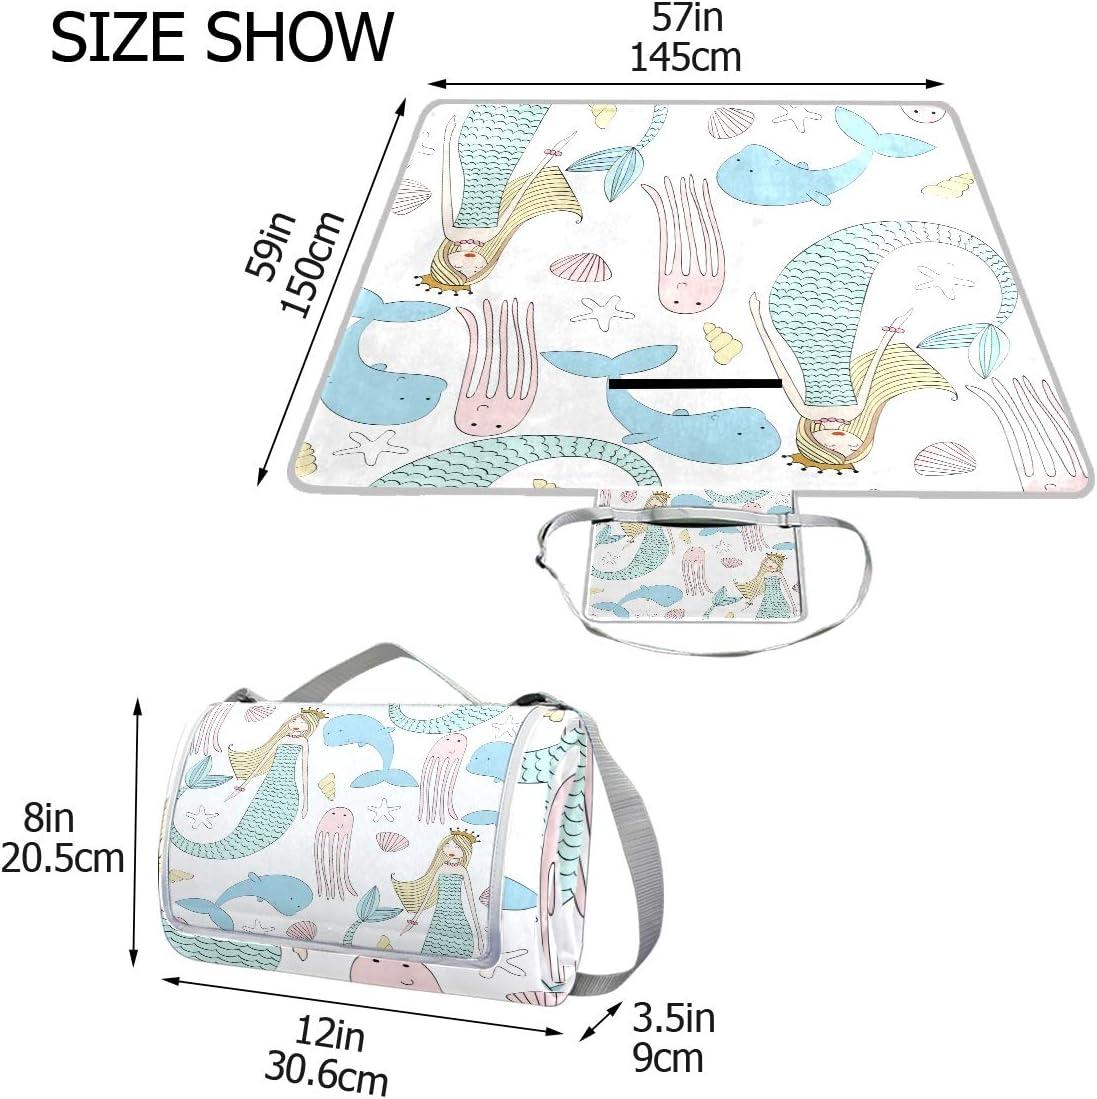 XINGAKA Coperta da Picnic Tappetino Campeggio,Gufi Senza Cuciture 2 del Modello di Vettore,Giardino Spiaggia Impermeabile Anti Sabbia 2